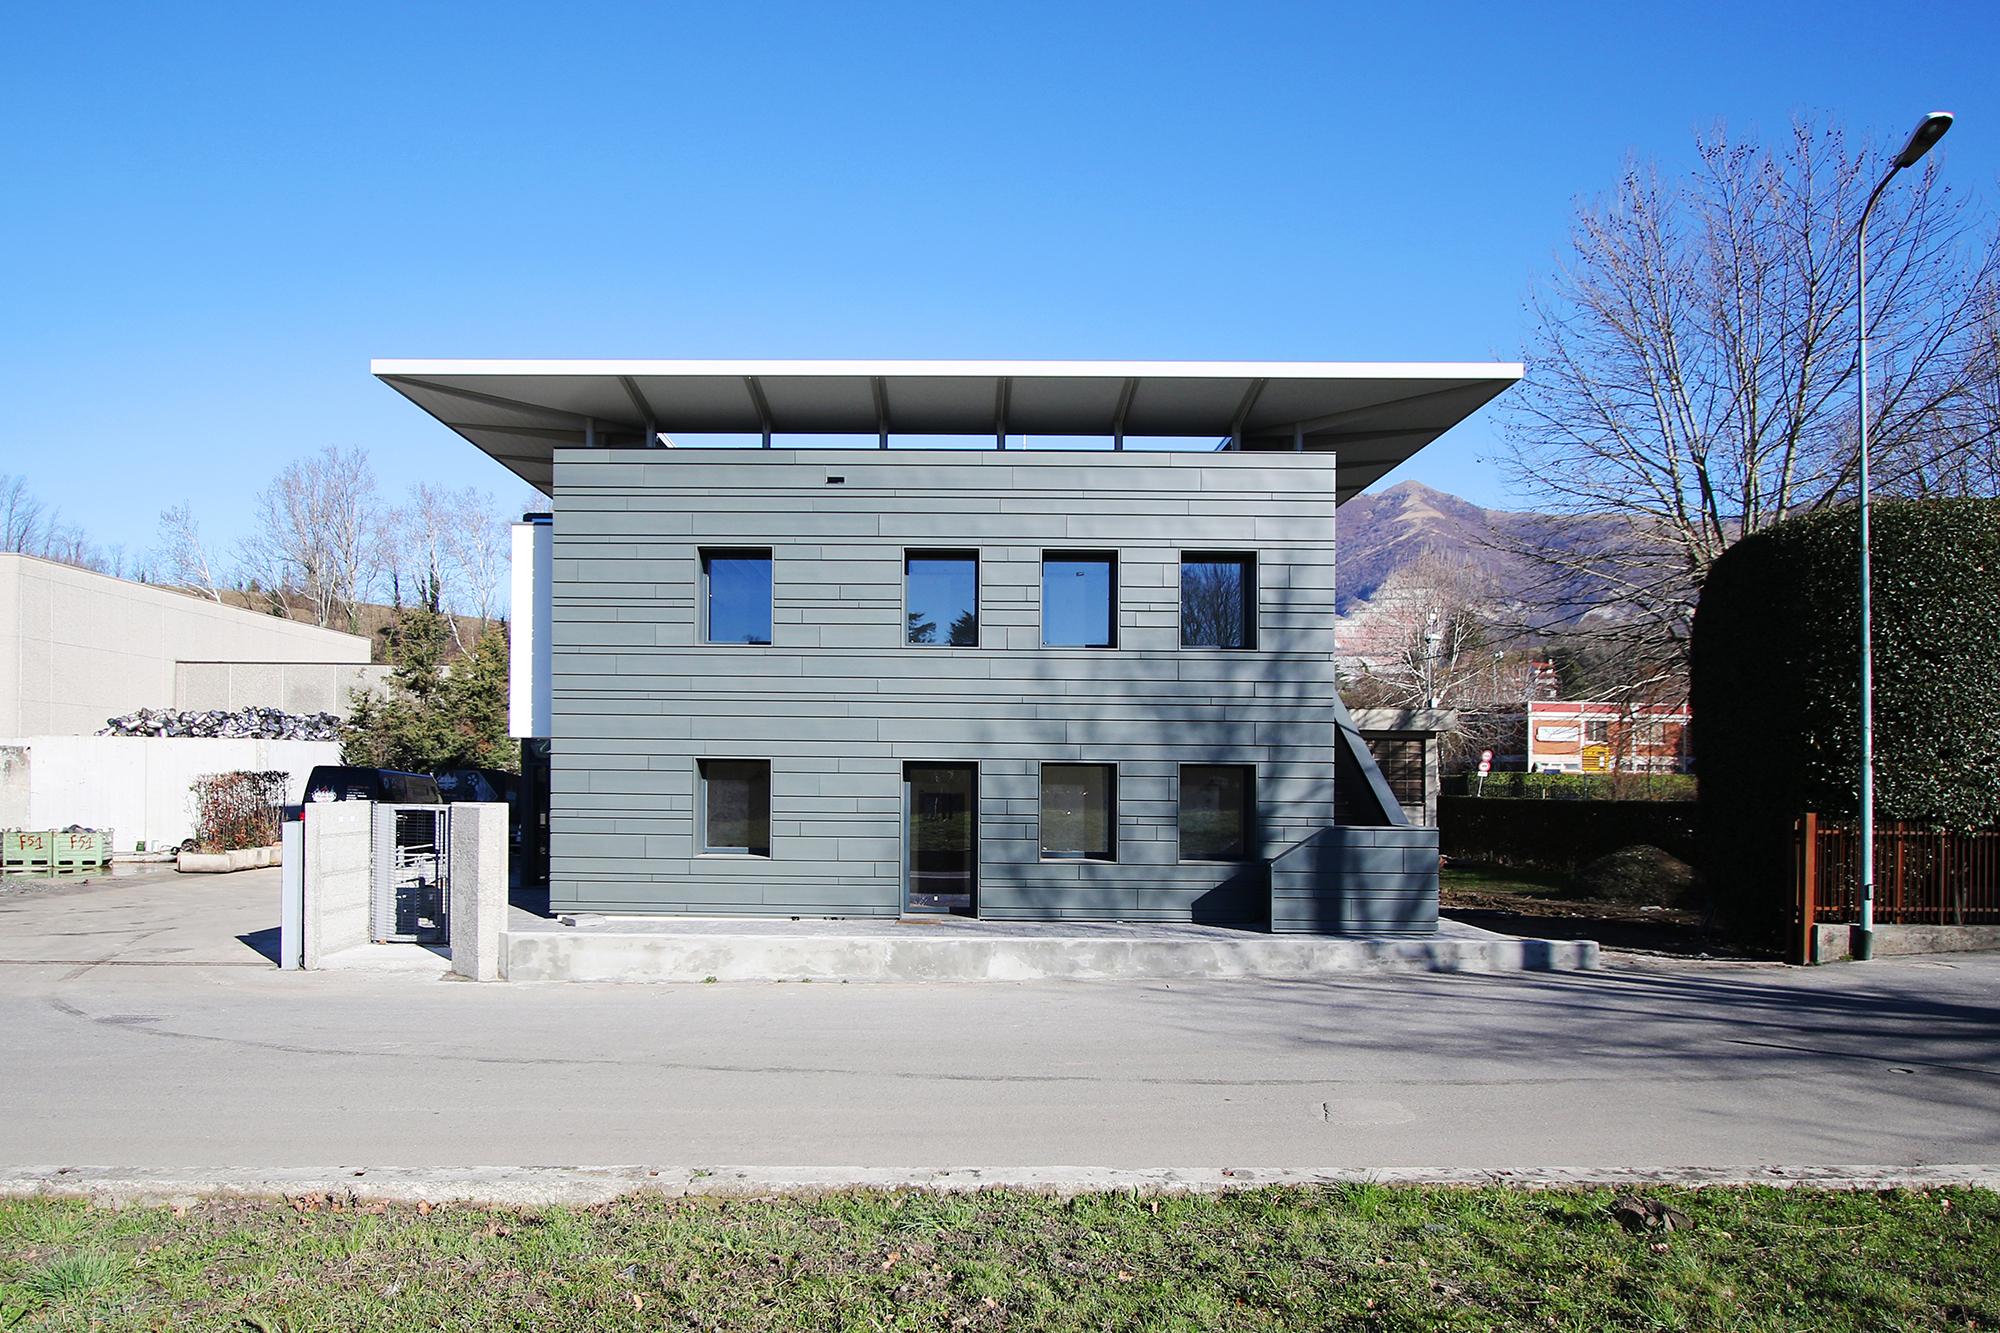 MAURISTUDIO-umberto-mauri-mauri-studio-bosisio-parini-New-Office-Building-Bosisio-Parini-Lecco-work-in-progress-Ventilated-Facade_final_06_2000